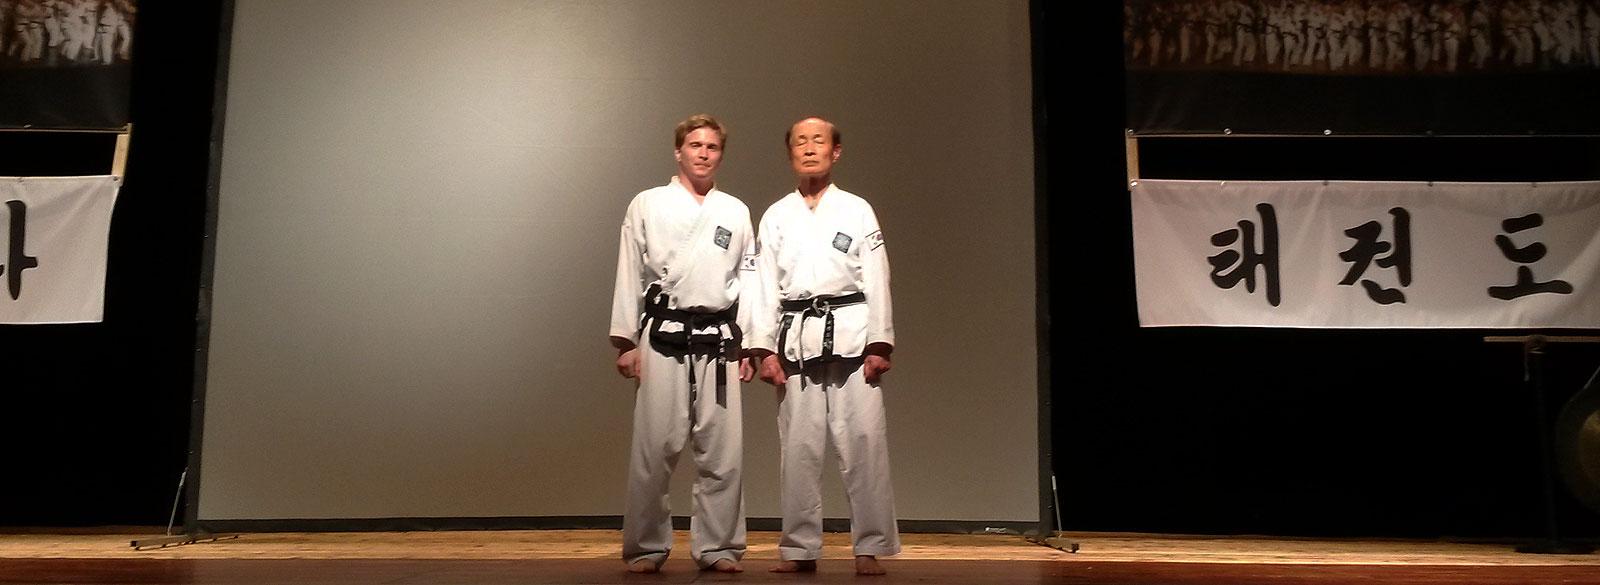 Ein Schüler und sein Meister